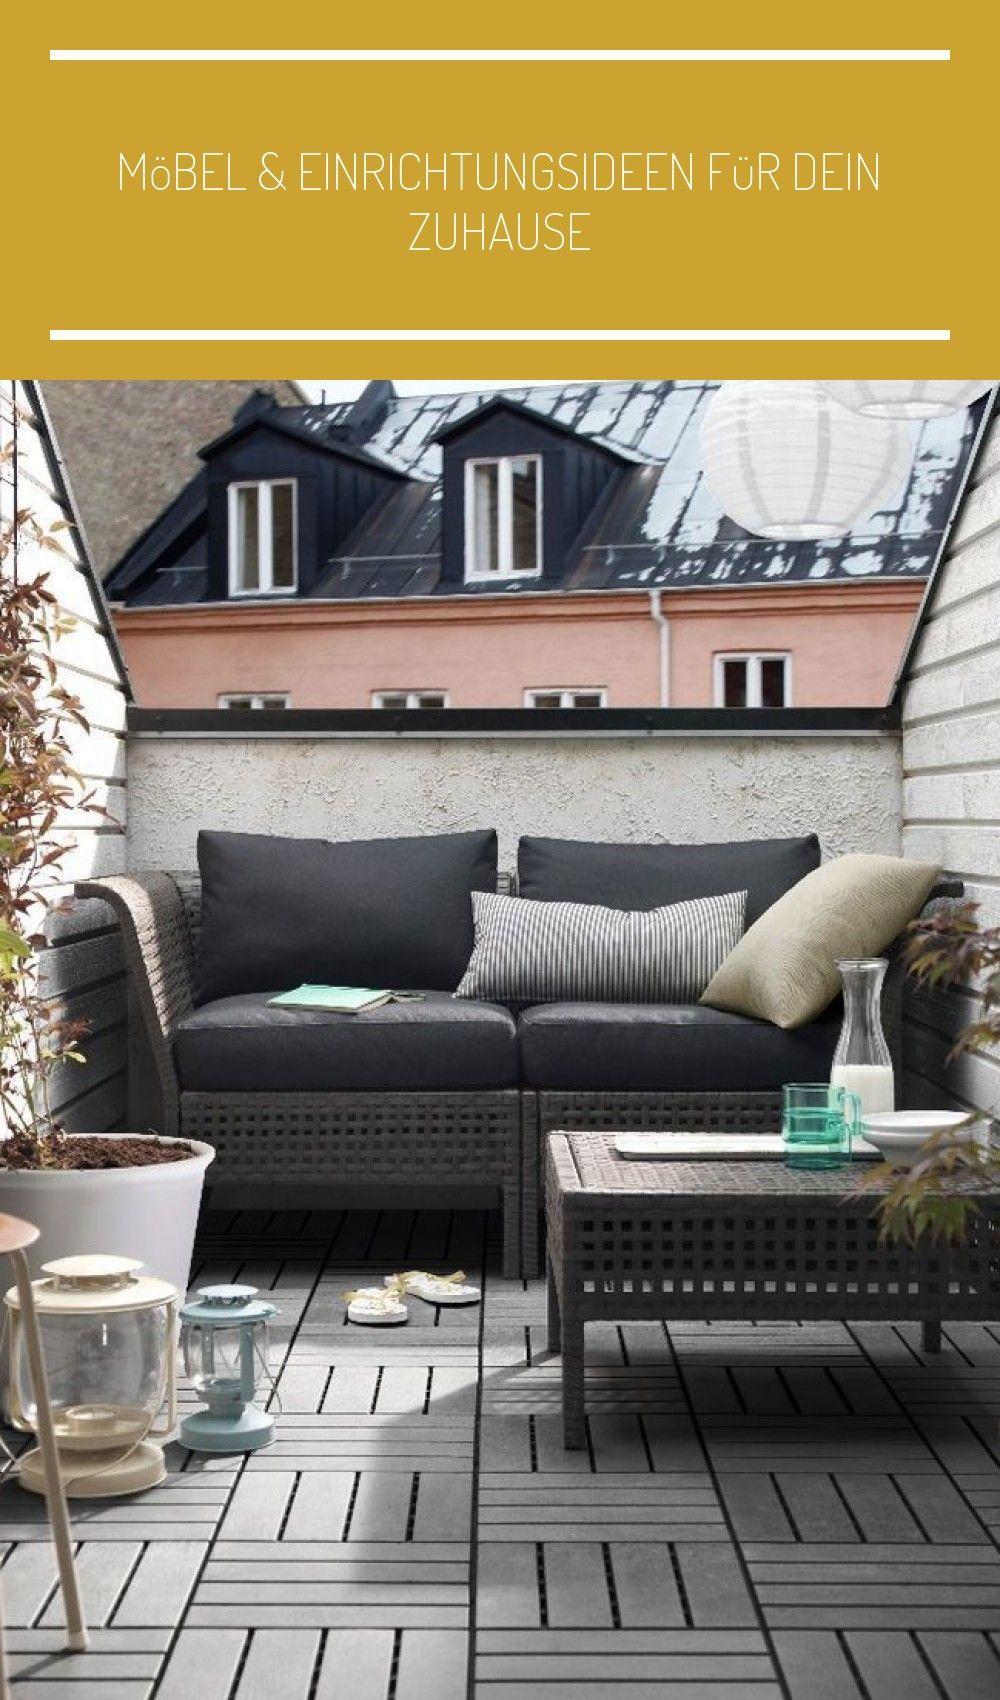 Full Size of Abhngen Auf Balkon Das Dem Deutschland Ikea Küche Kosten Paravent Garten Betten Bei Kaufen Modulküche Sofa Mit Schlaffunktion 160x200 Miniküche Wohnzimmer Paravent Balkon Ikea